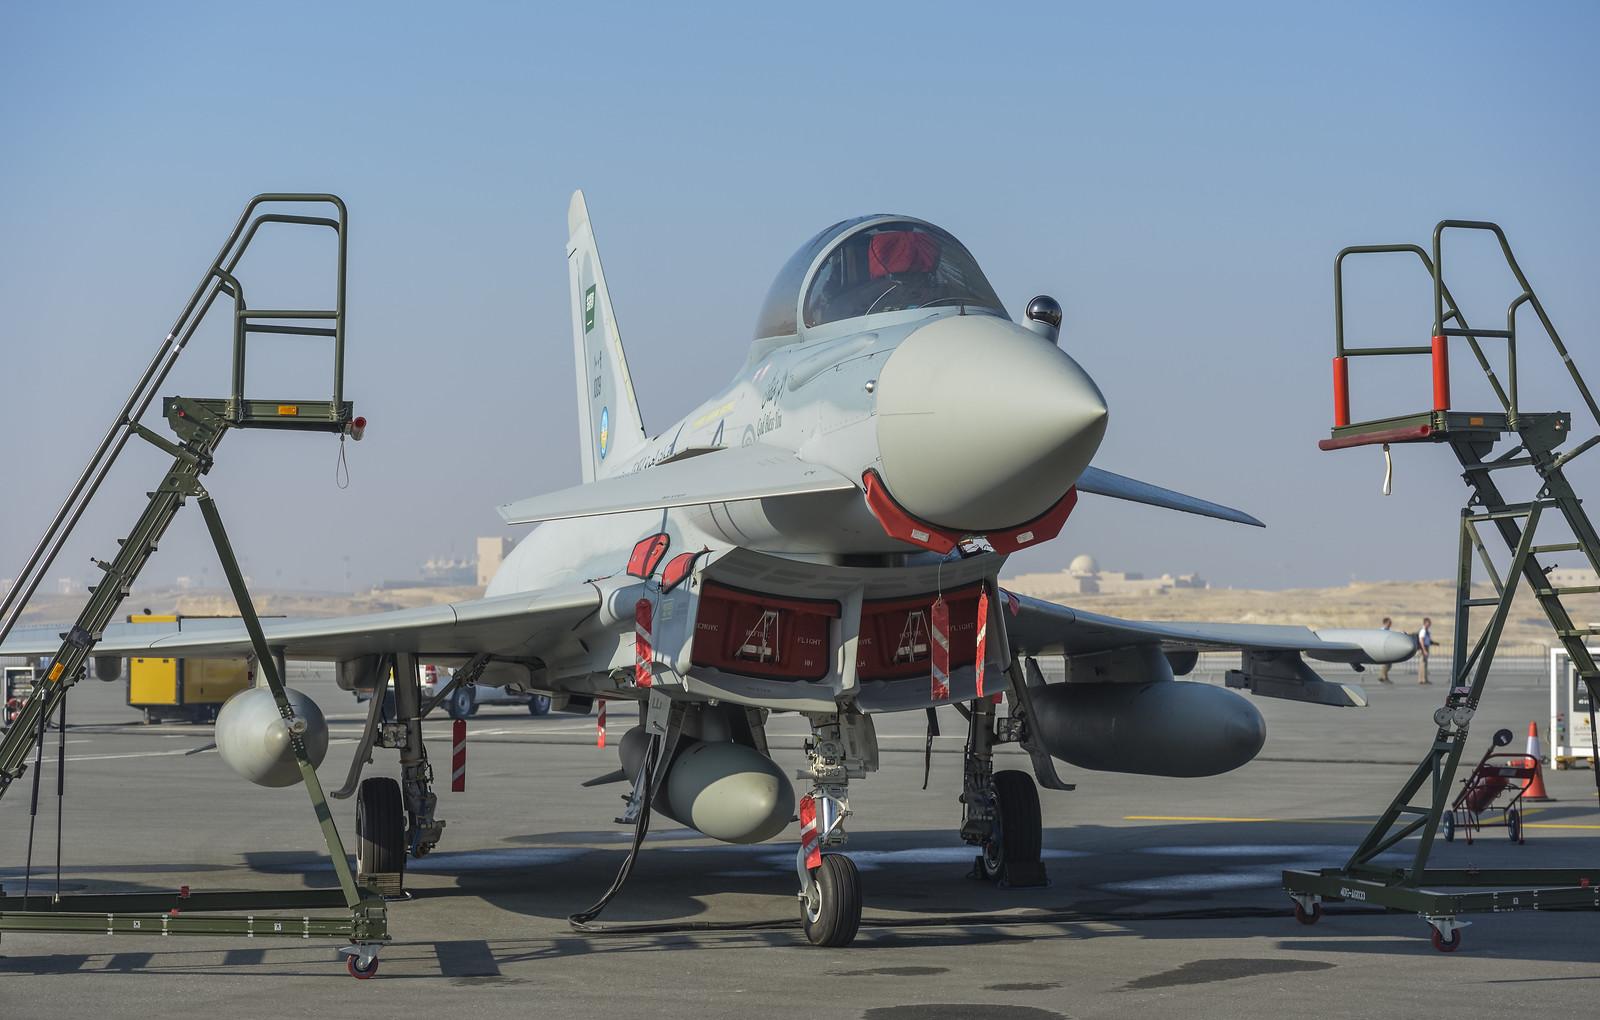 الموسوعه الفوغترافيه لصور القوات الجويه الملكيه السعوديه ( rsaf ) - صفحة 5 12090270533_ad51d897d4_h